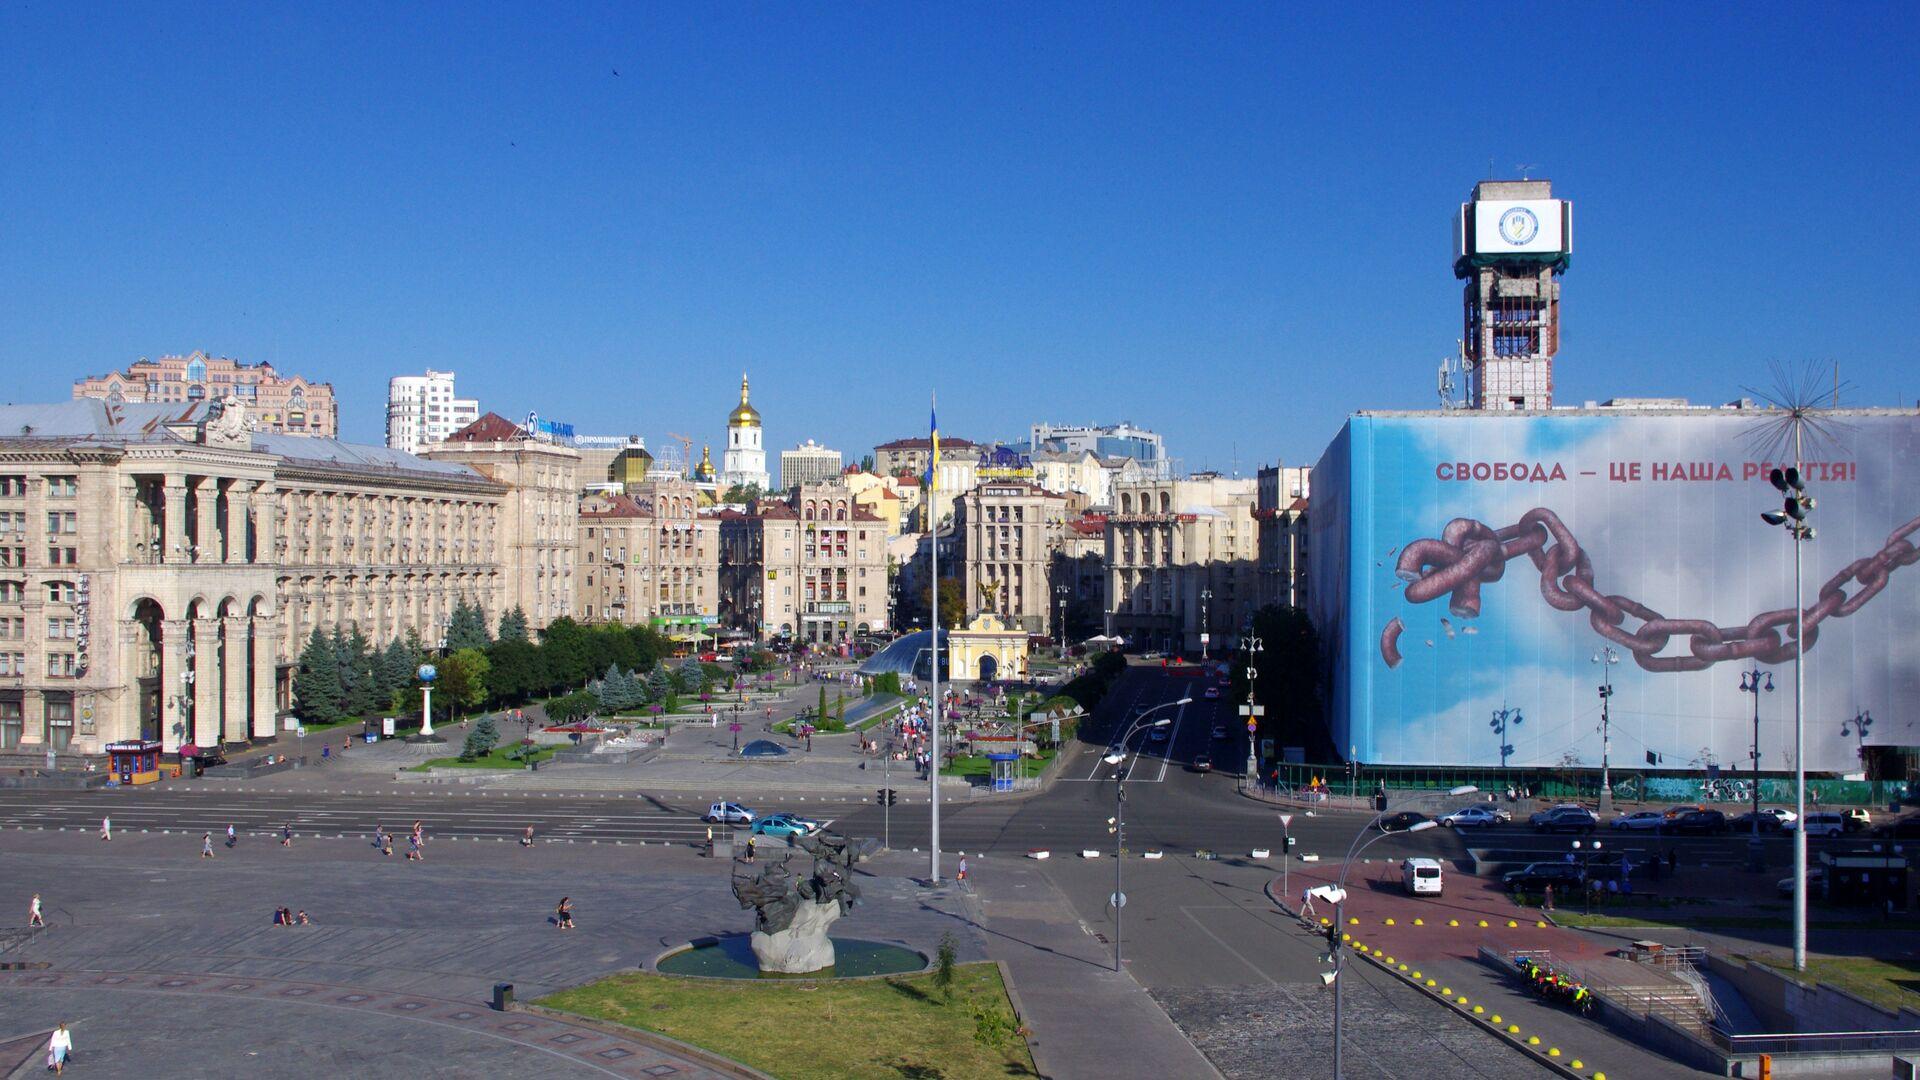 Вид на площадь Независимости в Киеве  - РИА Новости, 1920, 05.05.2021